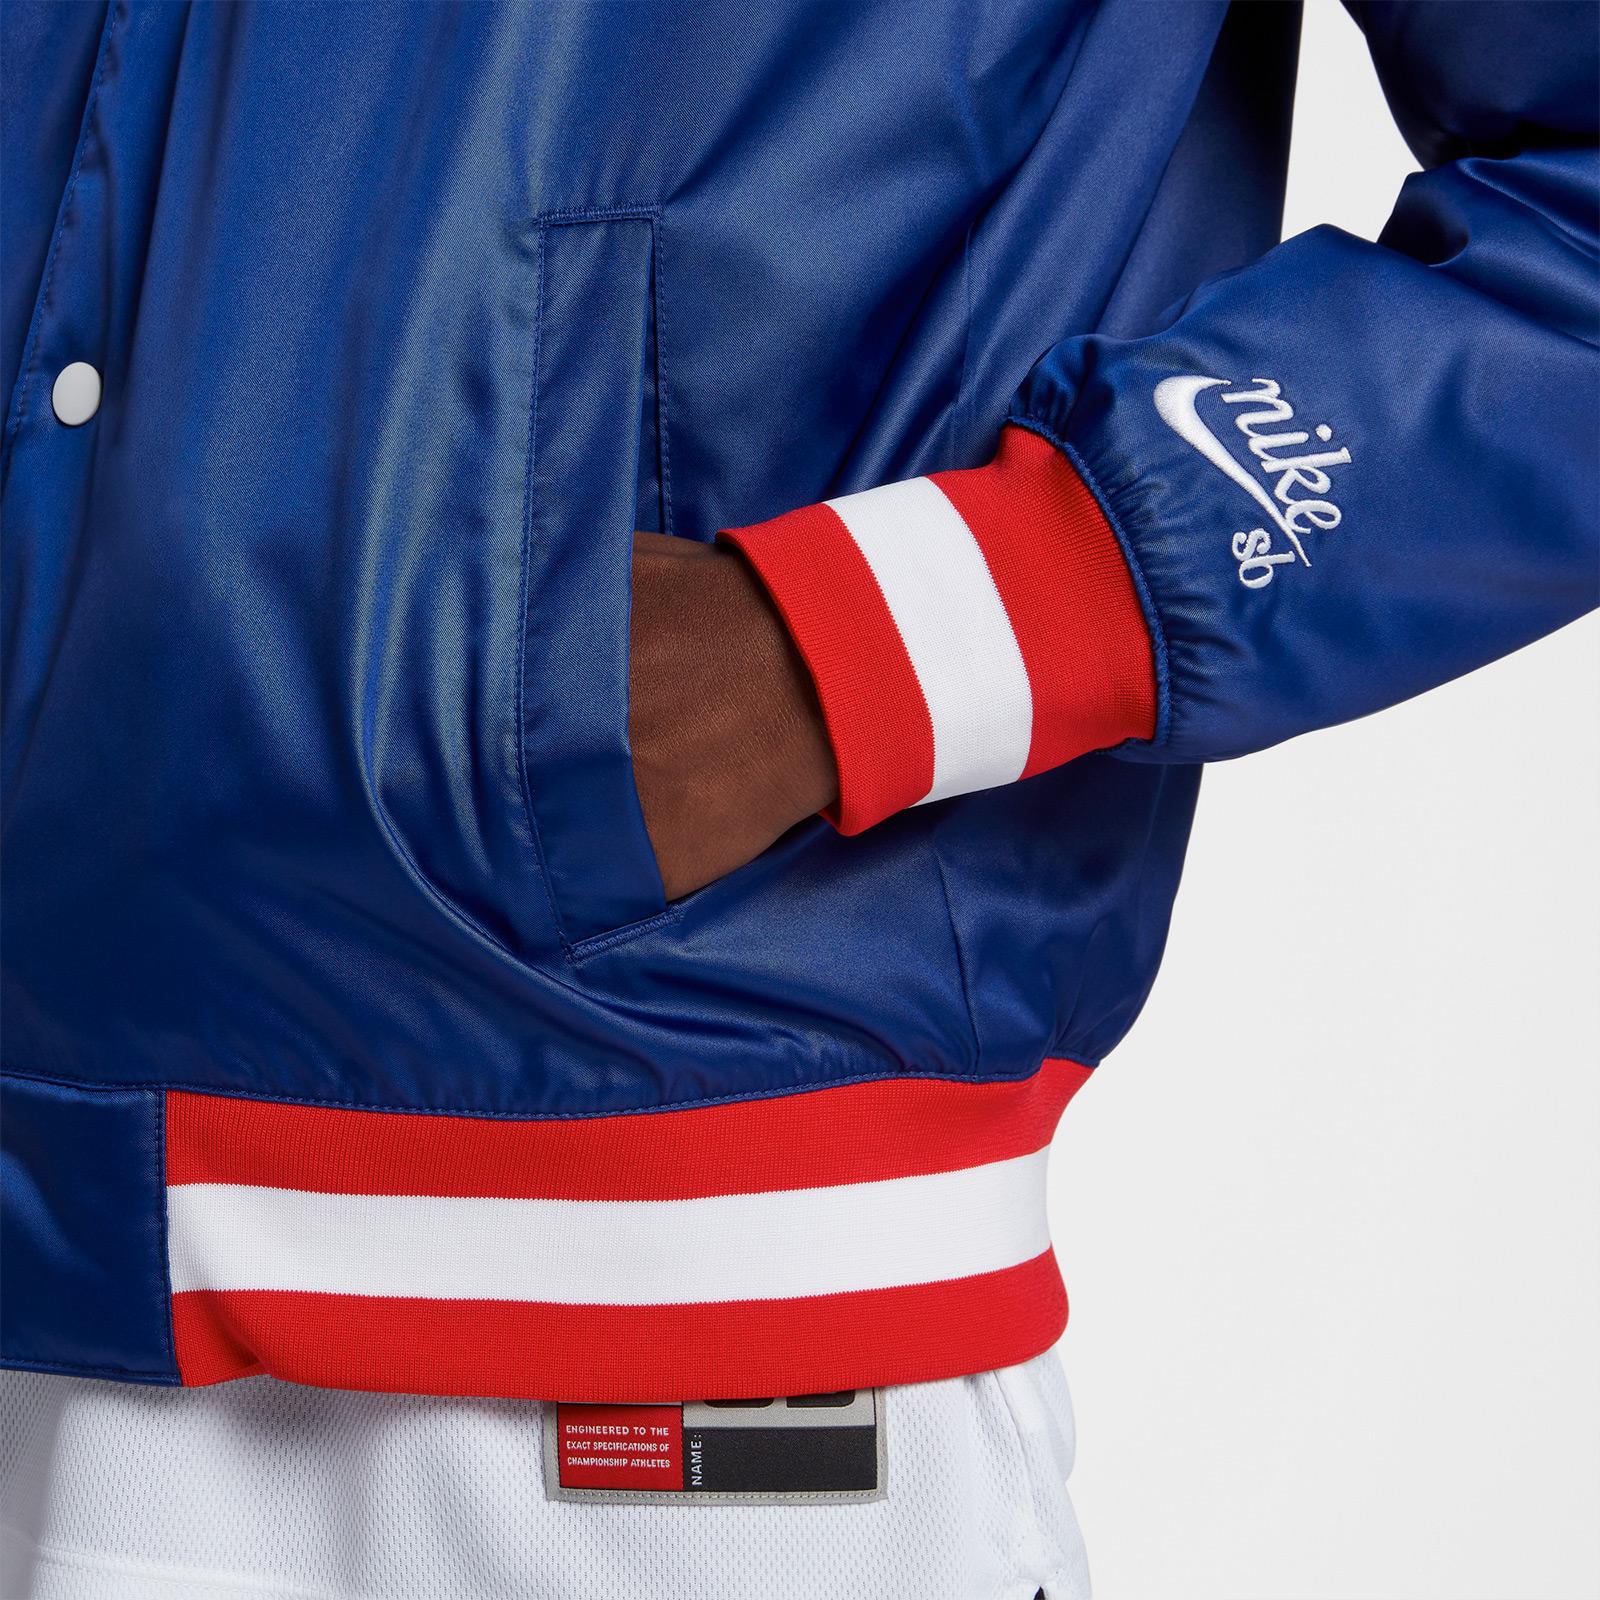 090fa7adedc Nike SB x NBA Bomber Jacket - Ah3392-455 - Sneakersnstuff